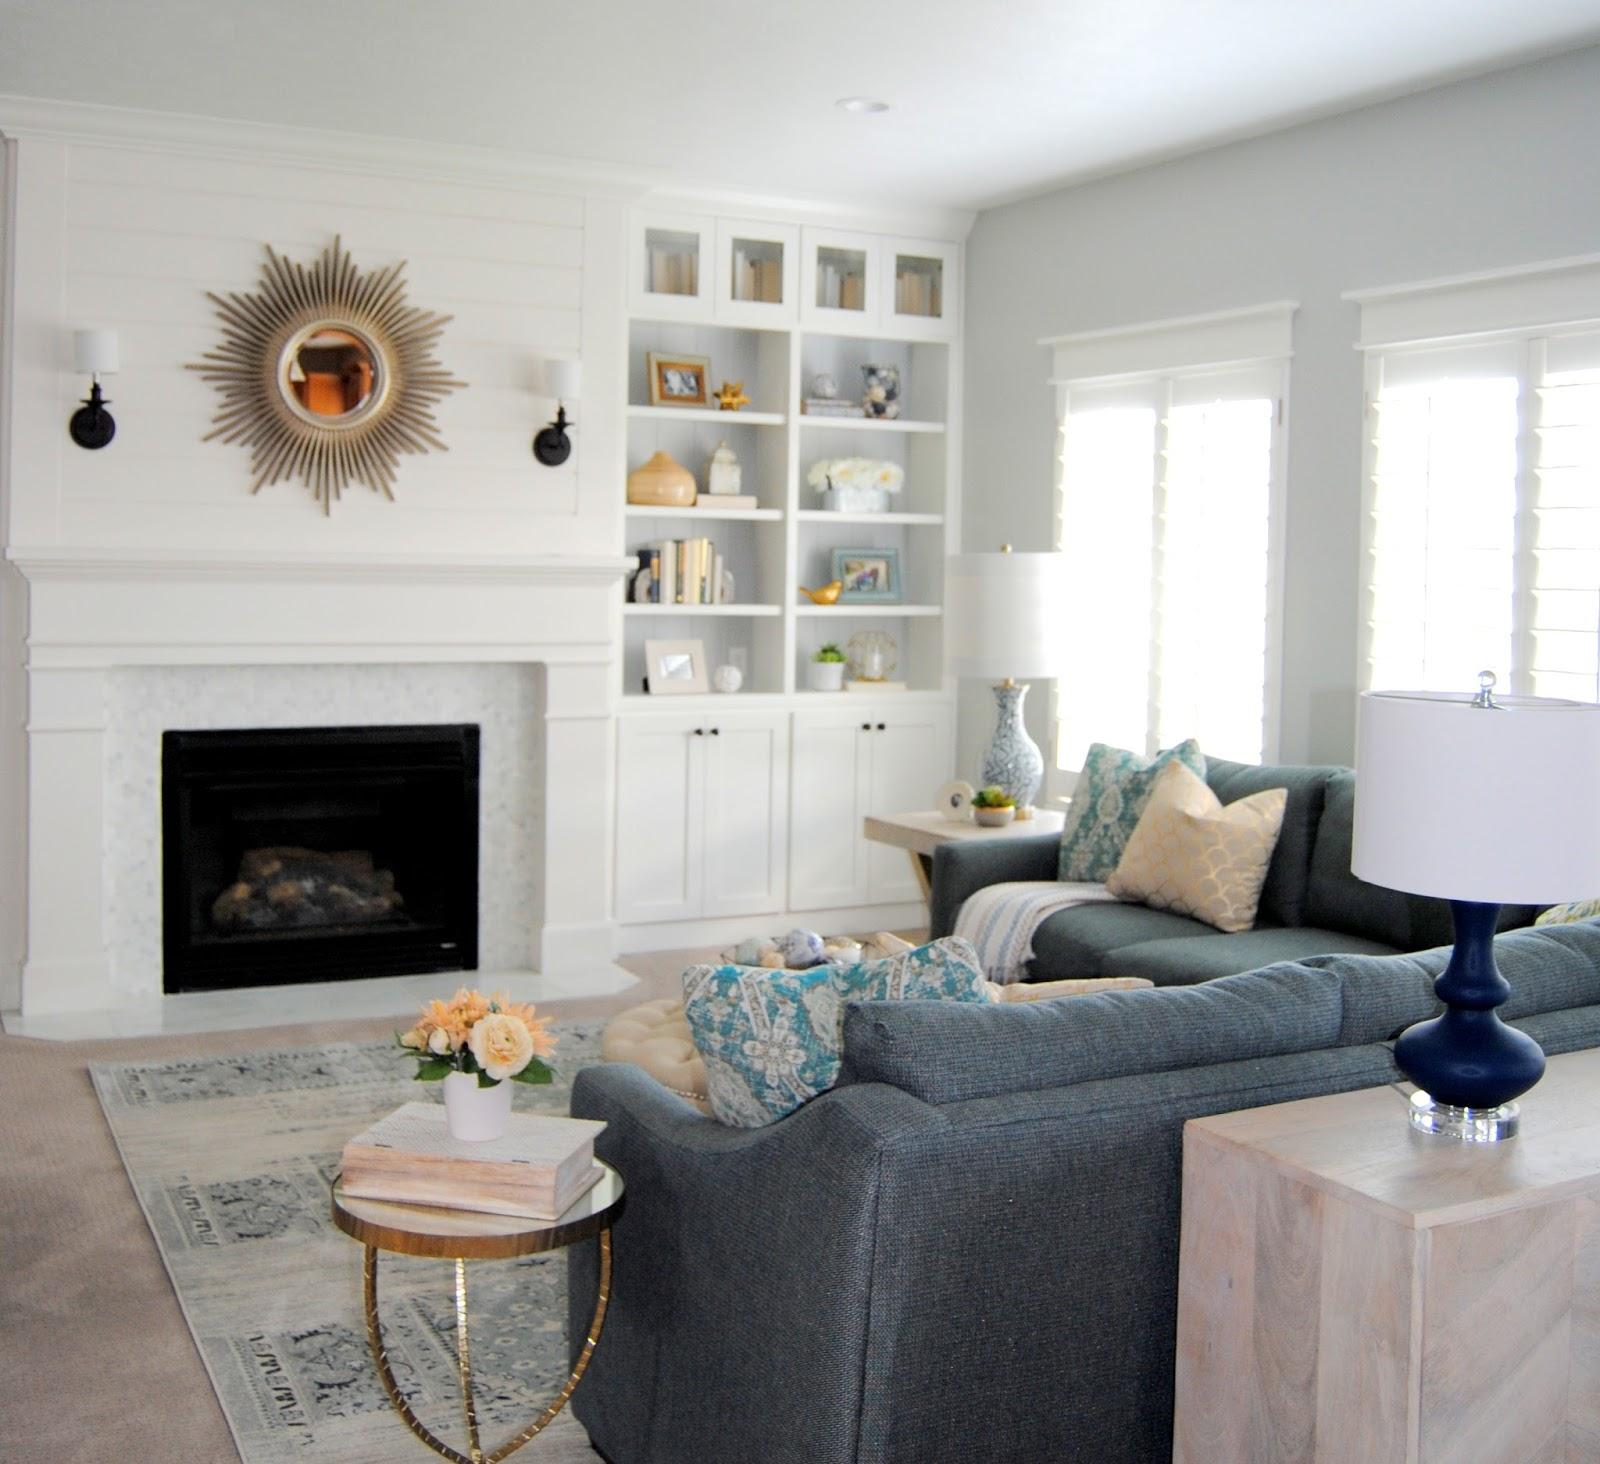 studio 7 interior design client reveal family room